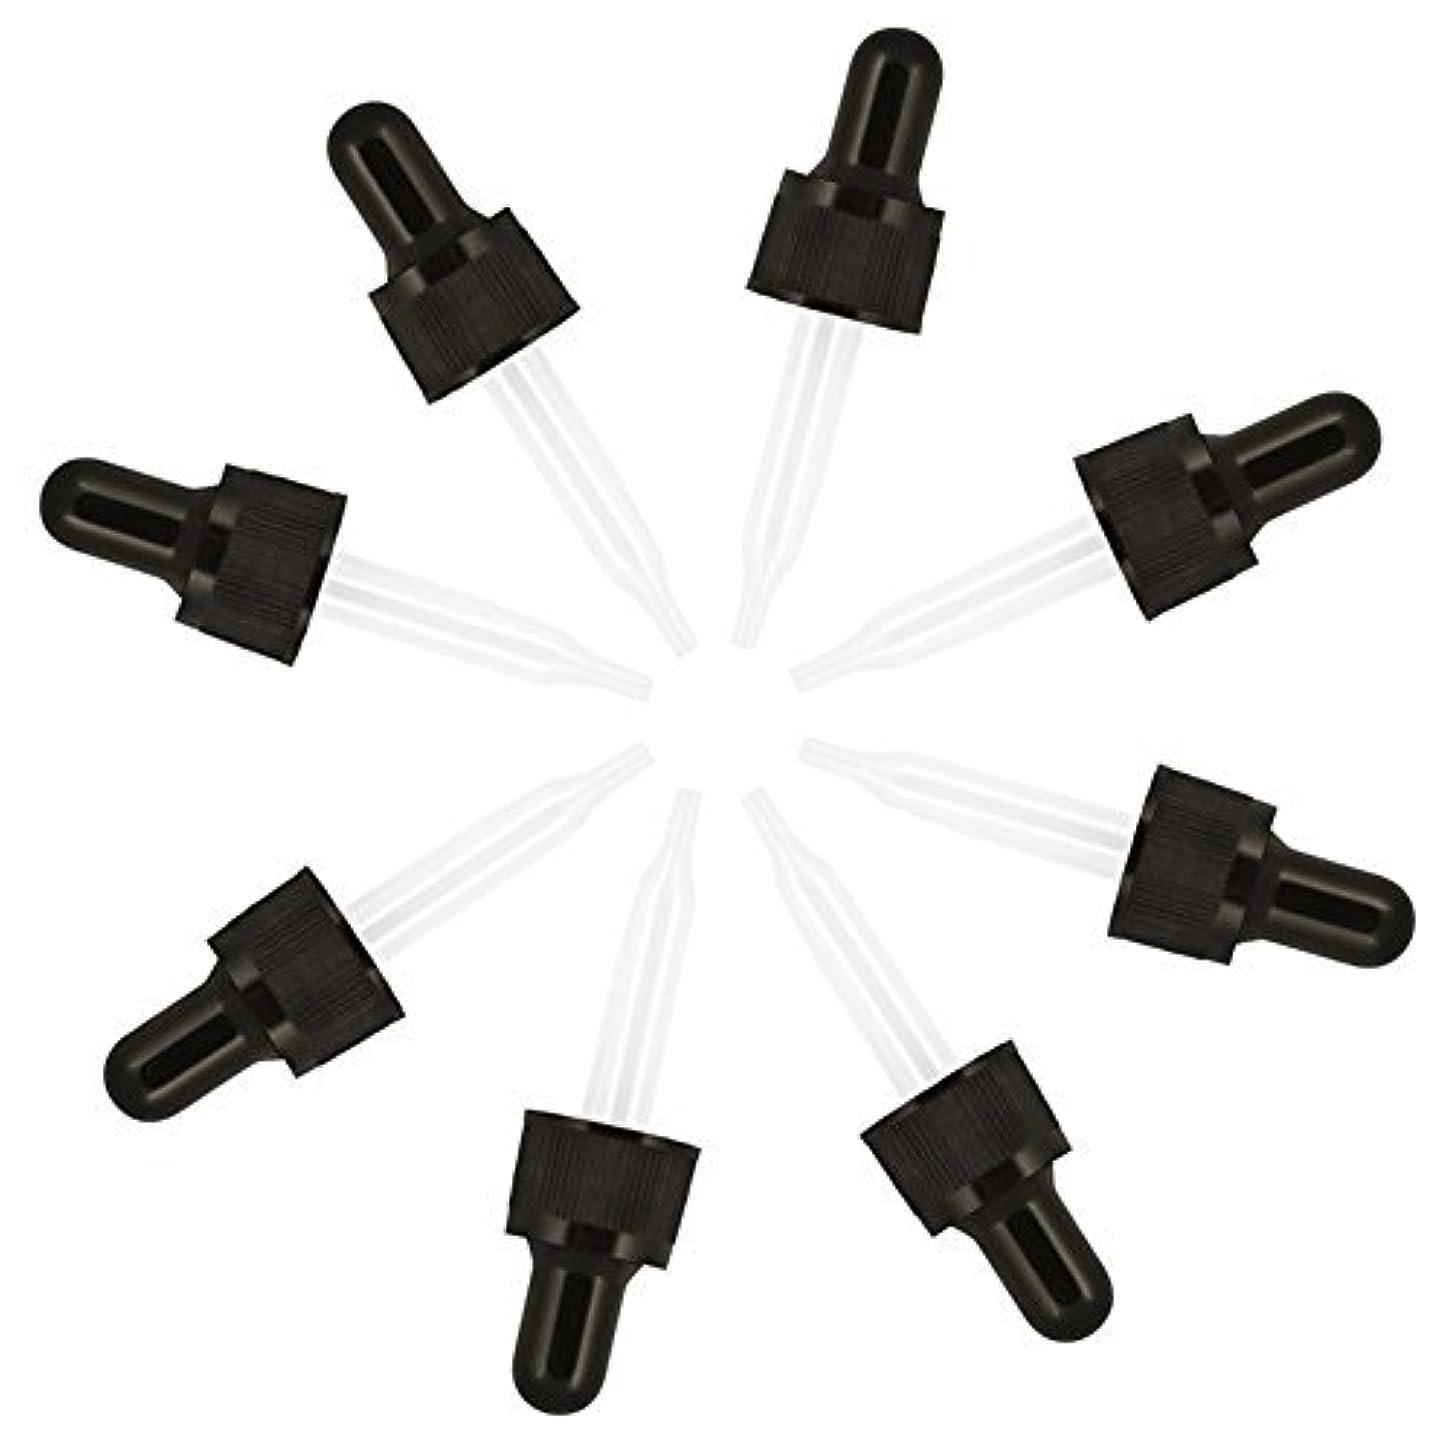 私たちのもの孤独なうなずくCettkowns 8-Pack Glass Eye Pre-Assembled Droppers Included Glass Droppers, Black Bulb and Tamper Seal for 5ml...